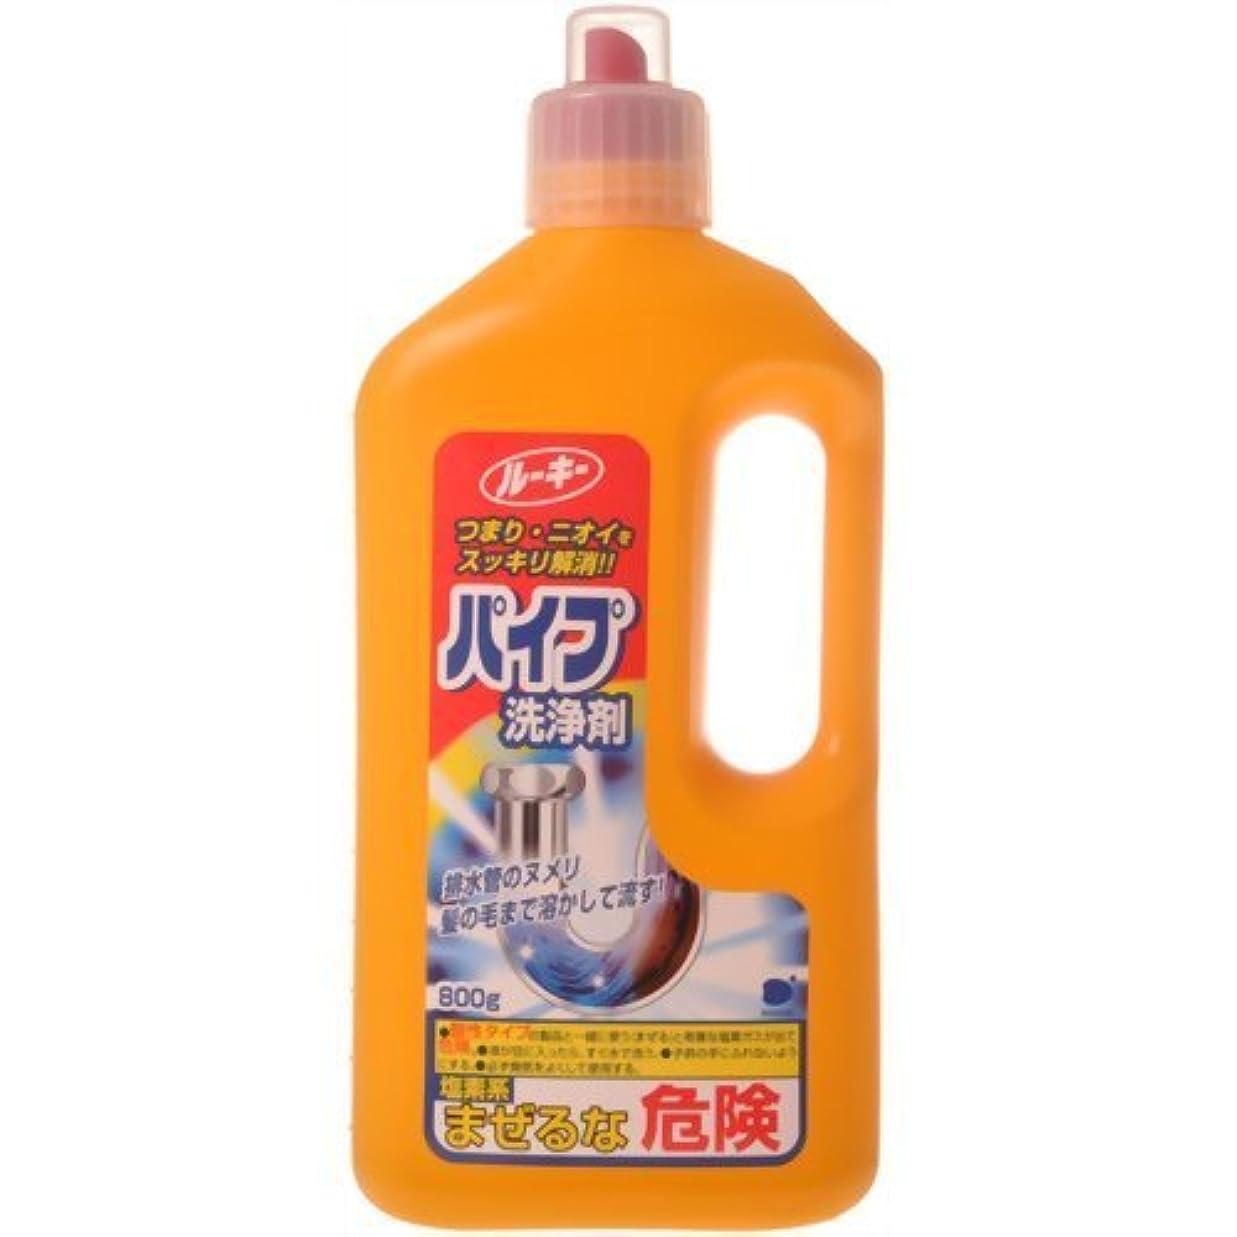 求める犬バブル第一石鹸 ルーキーパイプ洗浄剤 800g